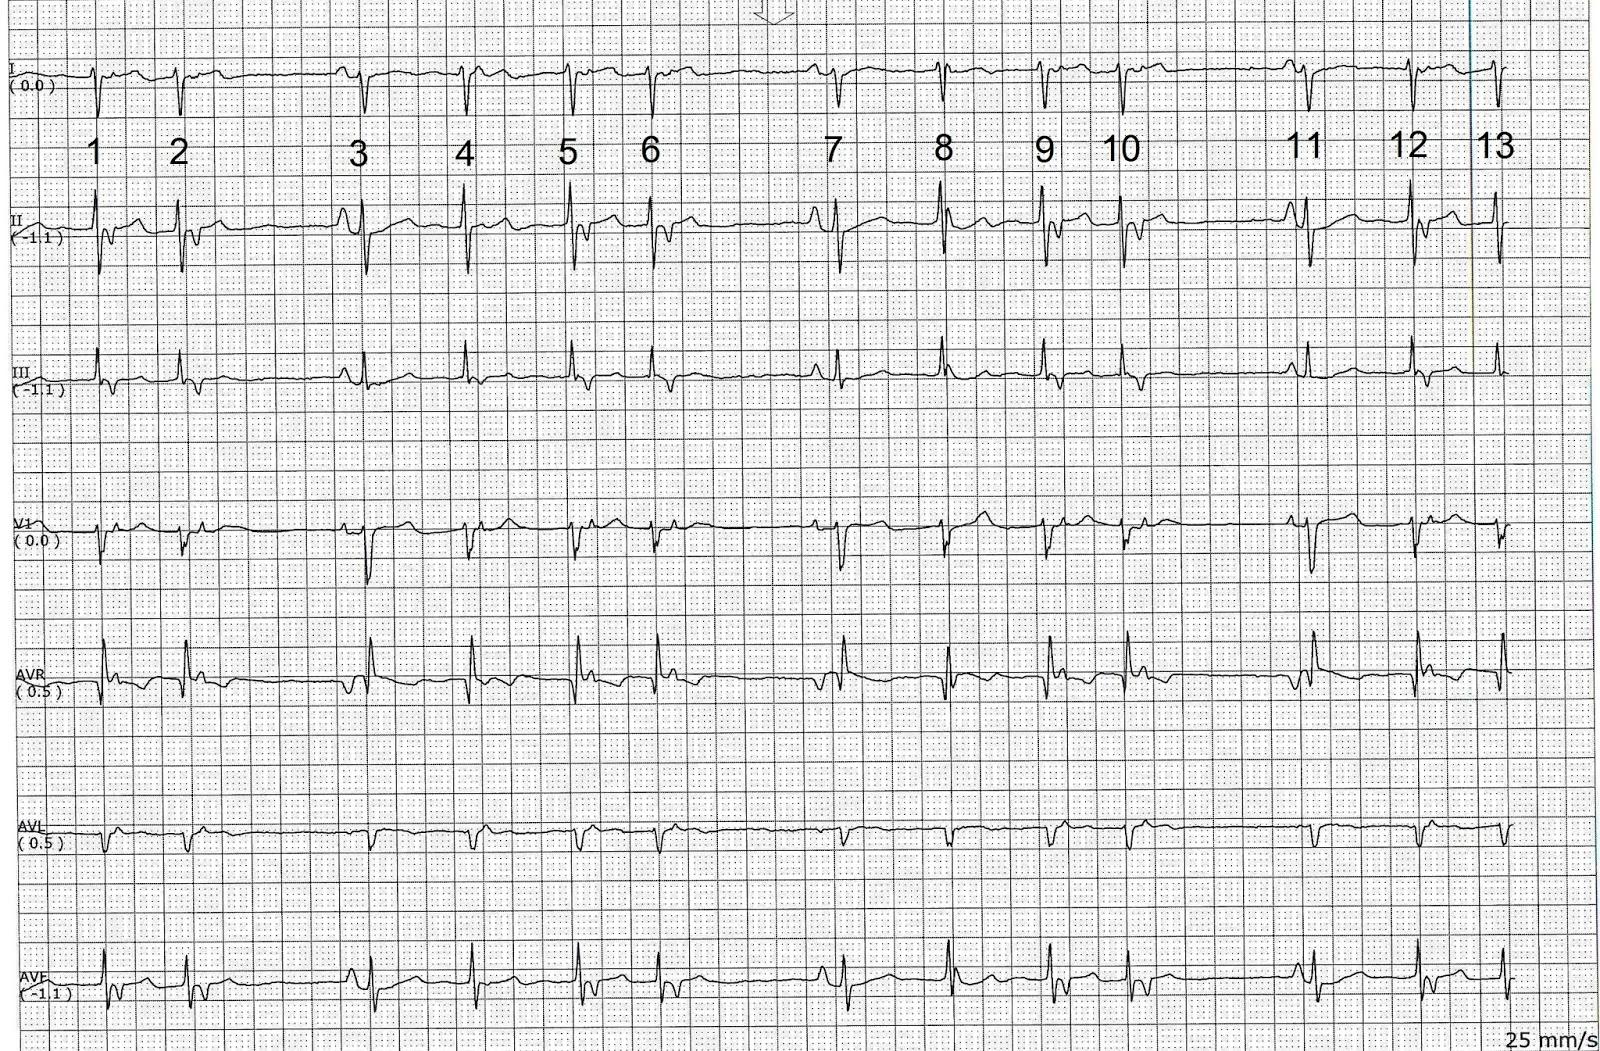 ecg rhythms  another irregular rhythm with a pattern